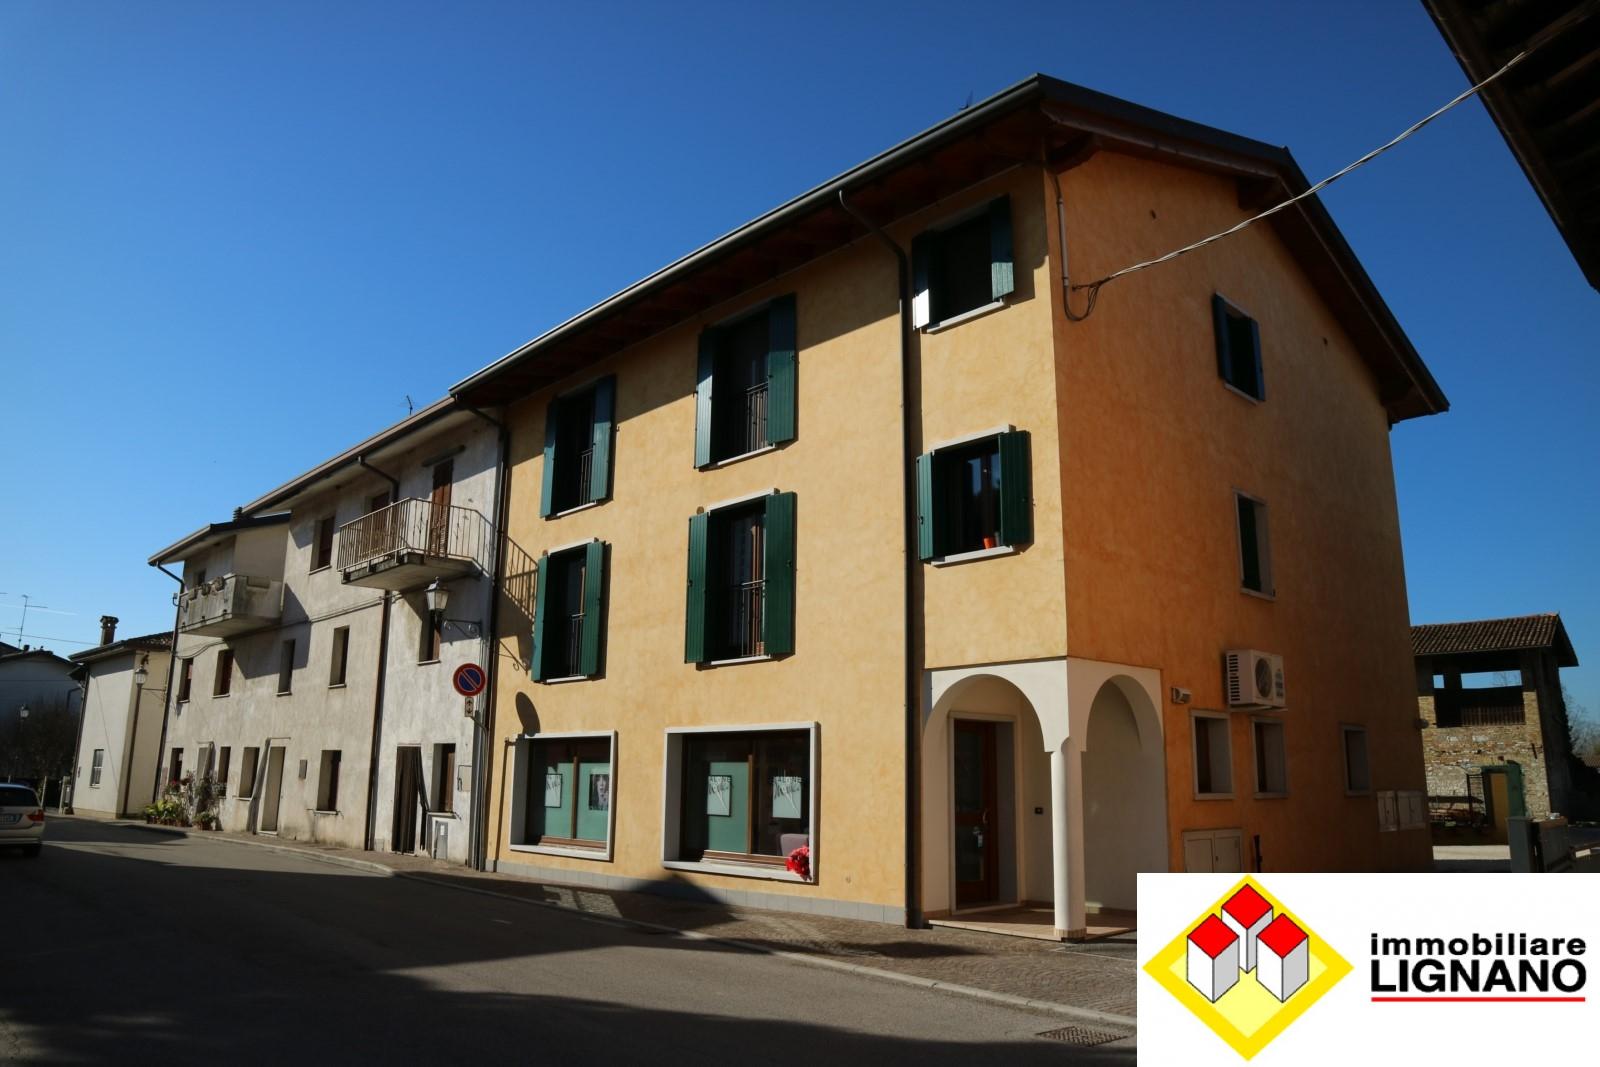 Appartamento in vendita a Precenicco, 3 locali, prezzo € 65.000 | CambioCasa.it